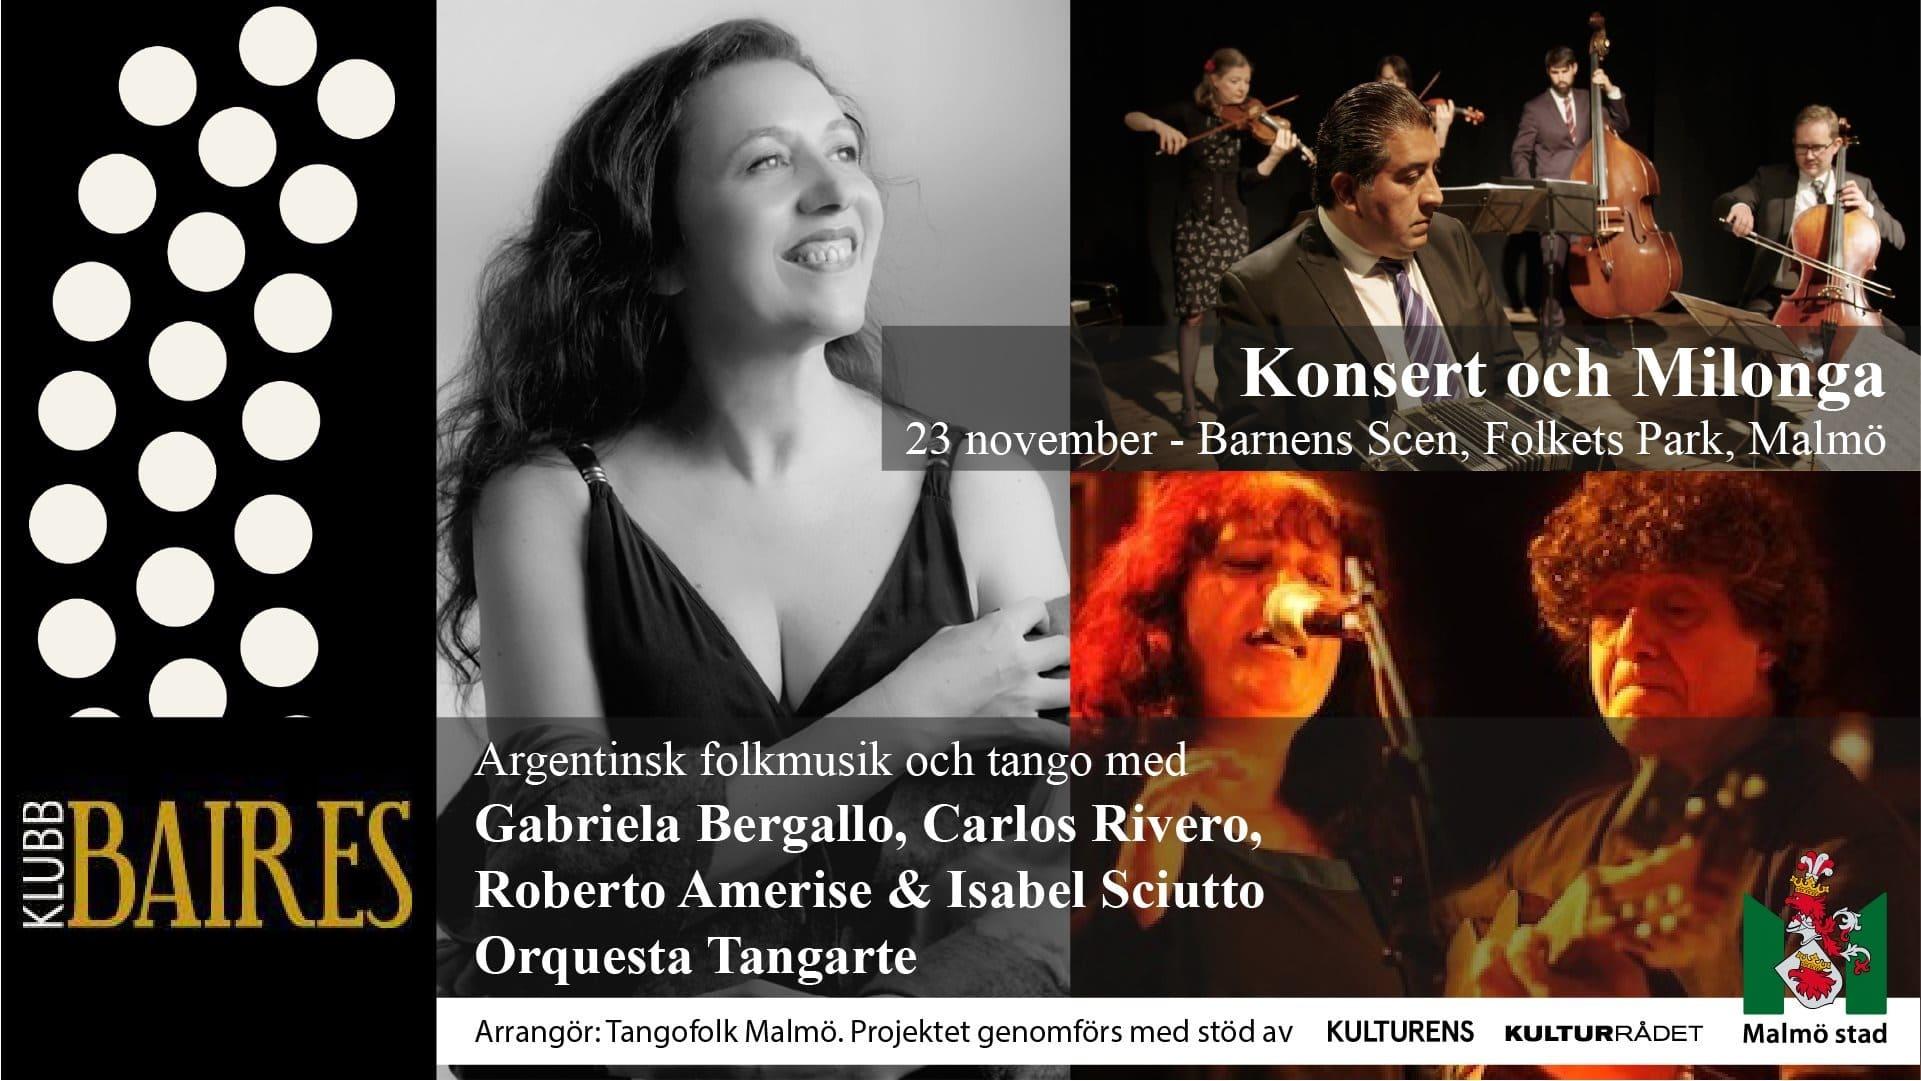 Konsert och Milonga